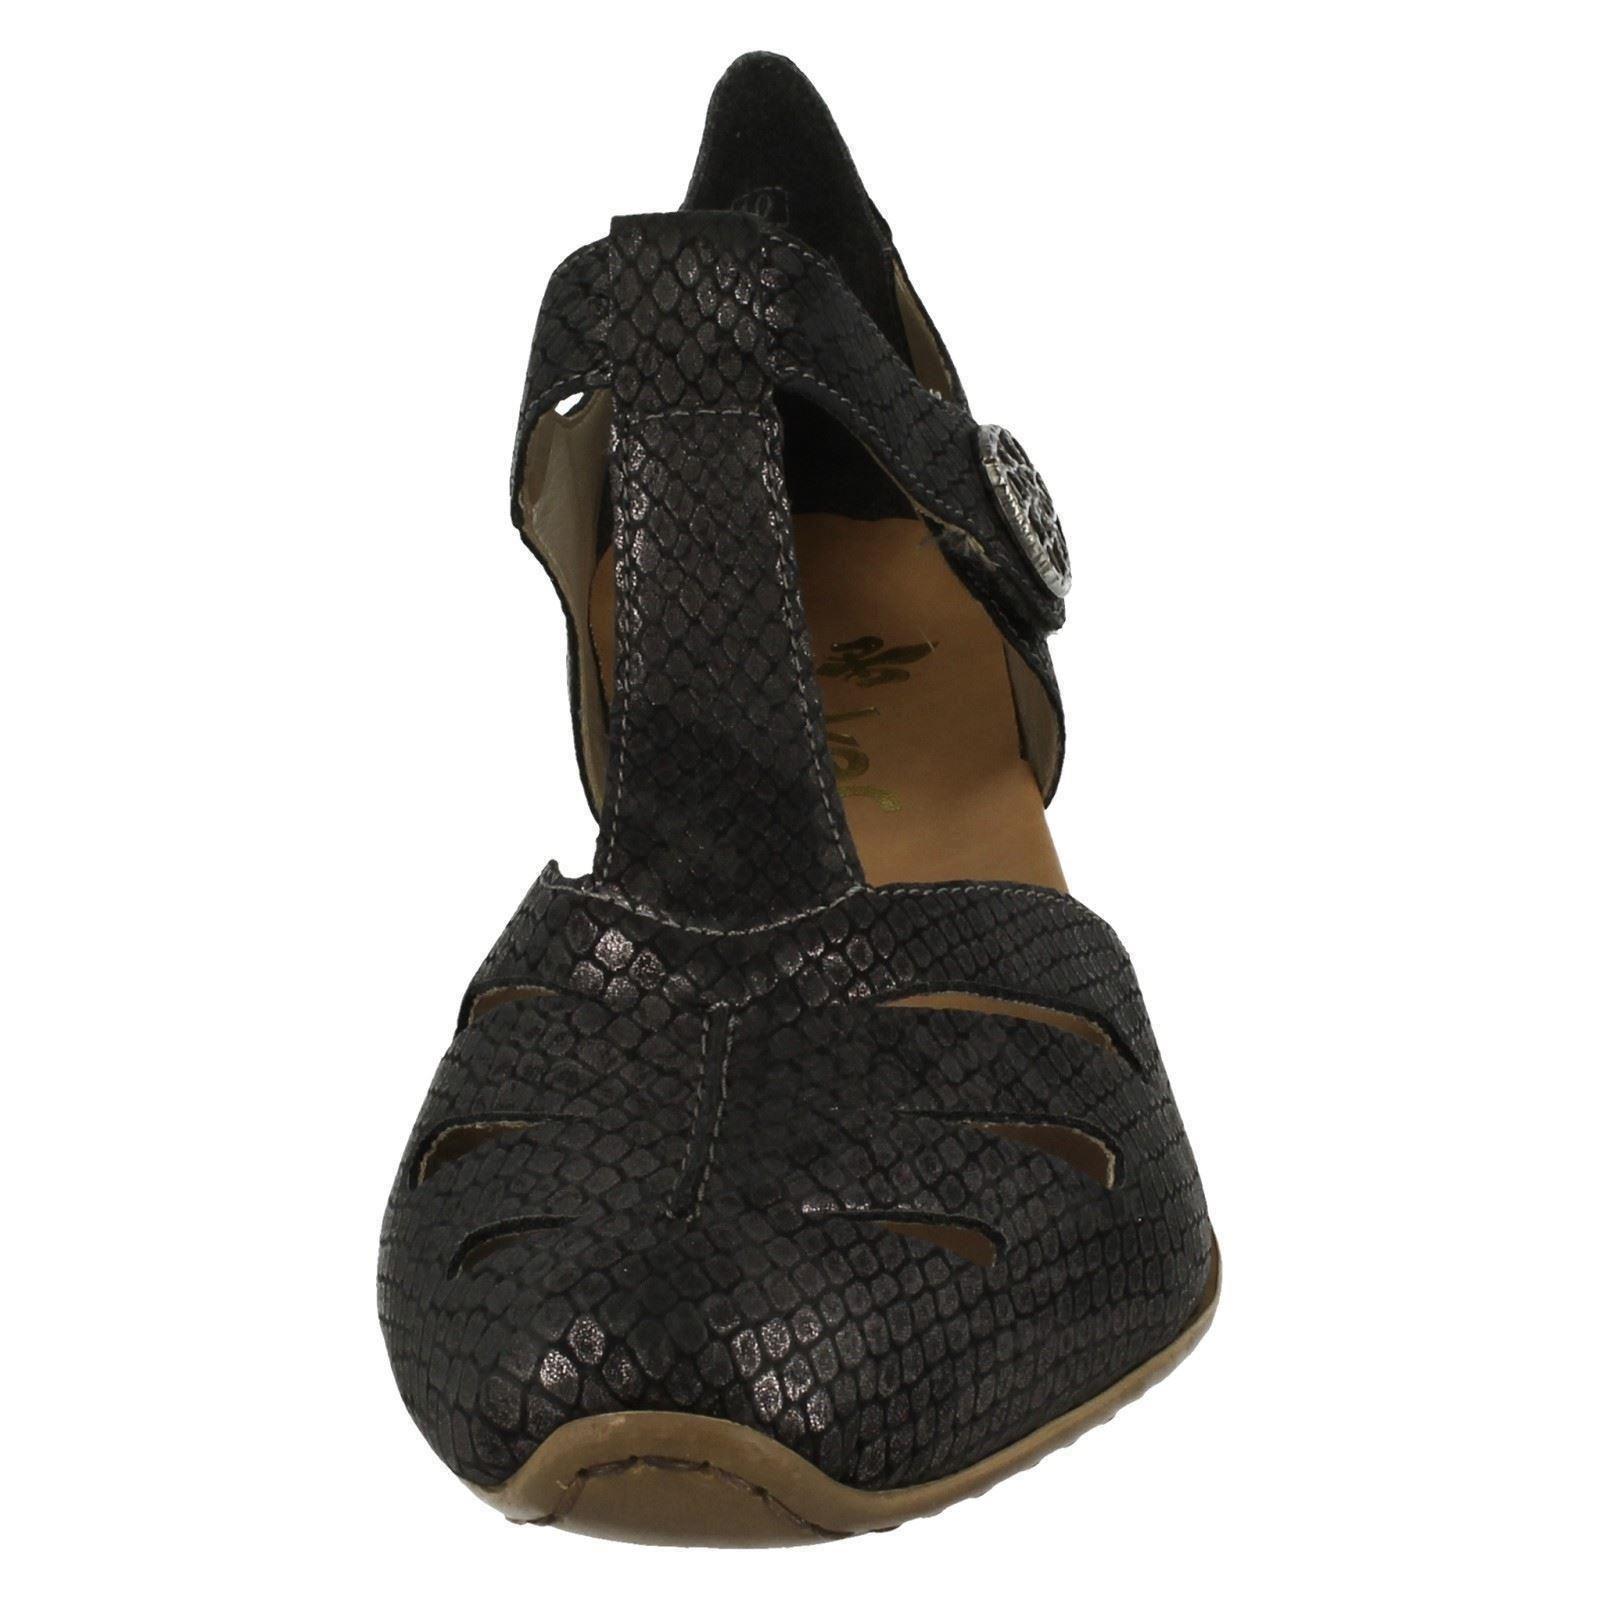 Scarpe da Donna Rieker 43750 economiche Scarpe economiche 43750 e buone 484e76